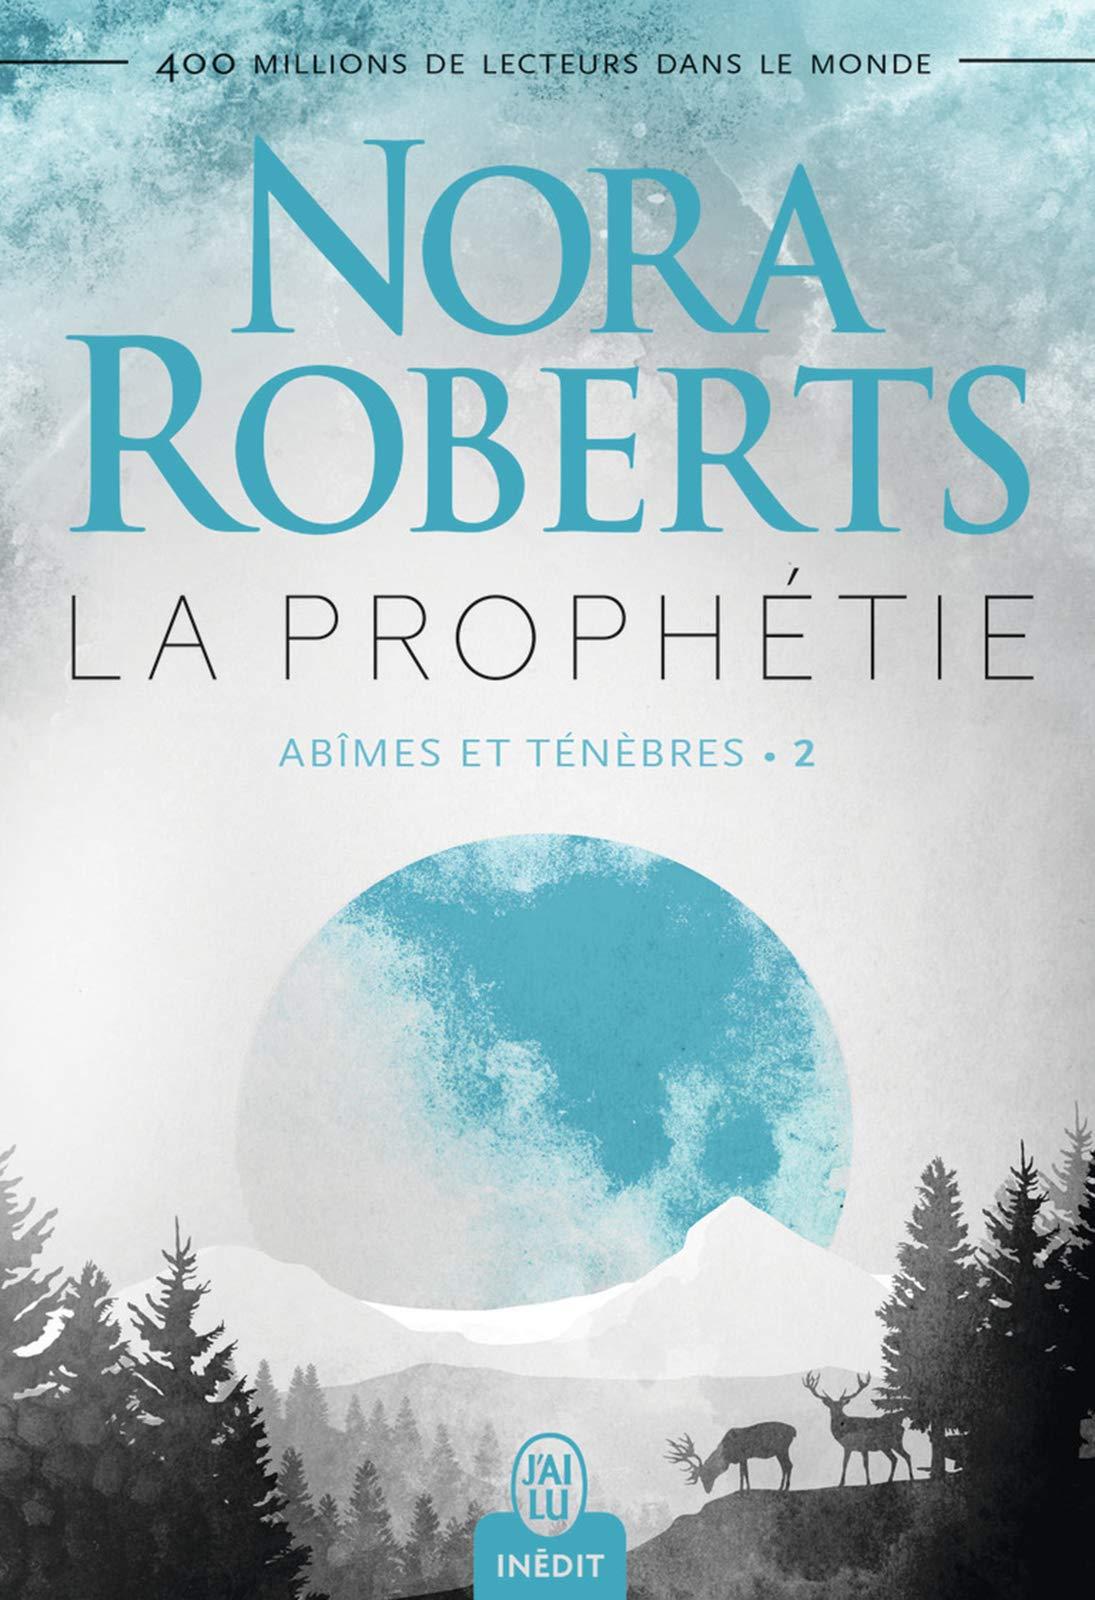 Abîmes et ténèbres (Tome 2) - La prophétie por Nora Roberts